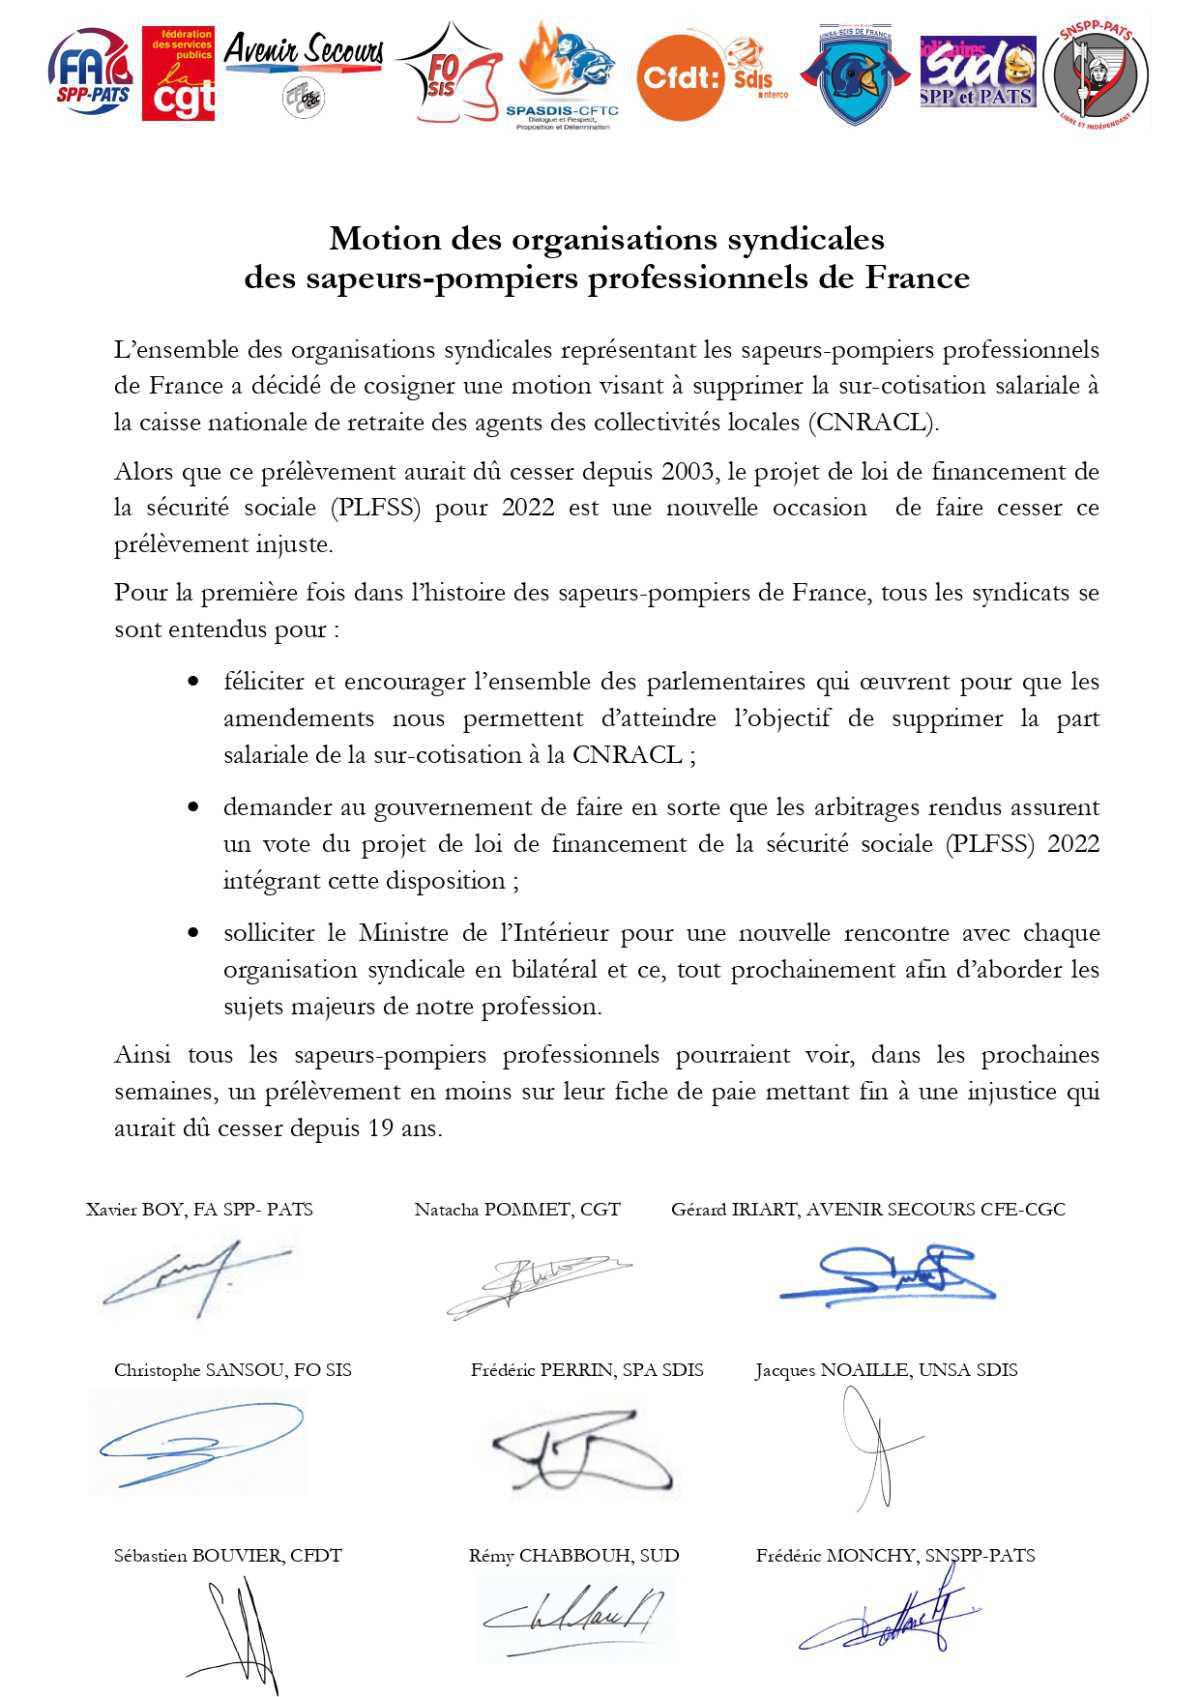 Motion visant à supprimer la surcotisation prime de feu